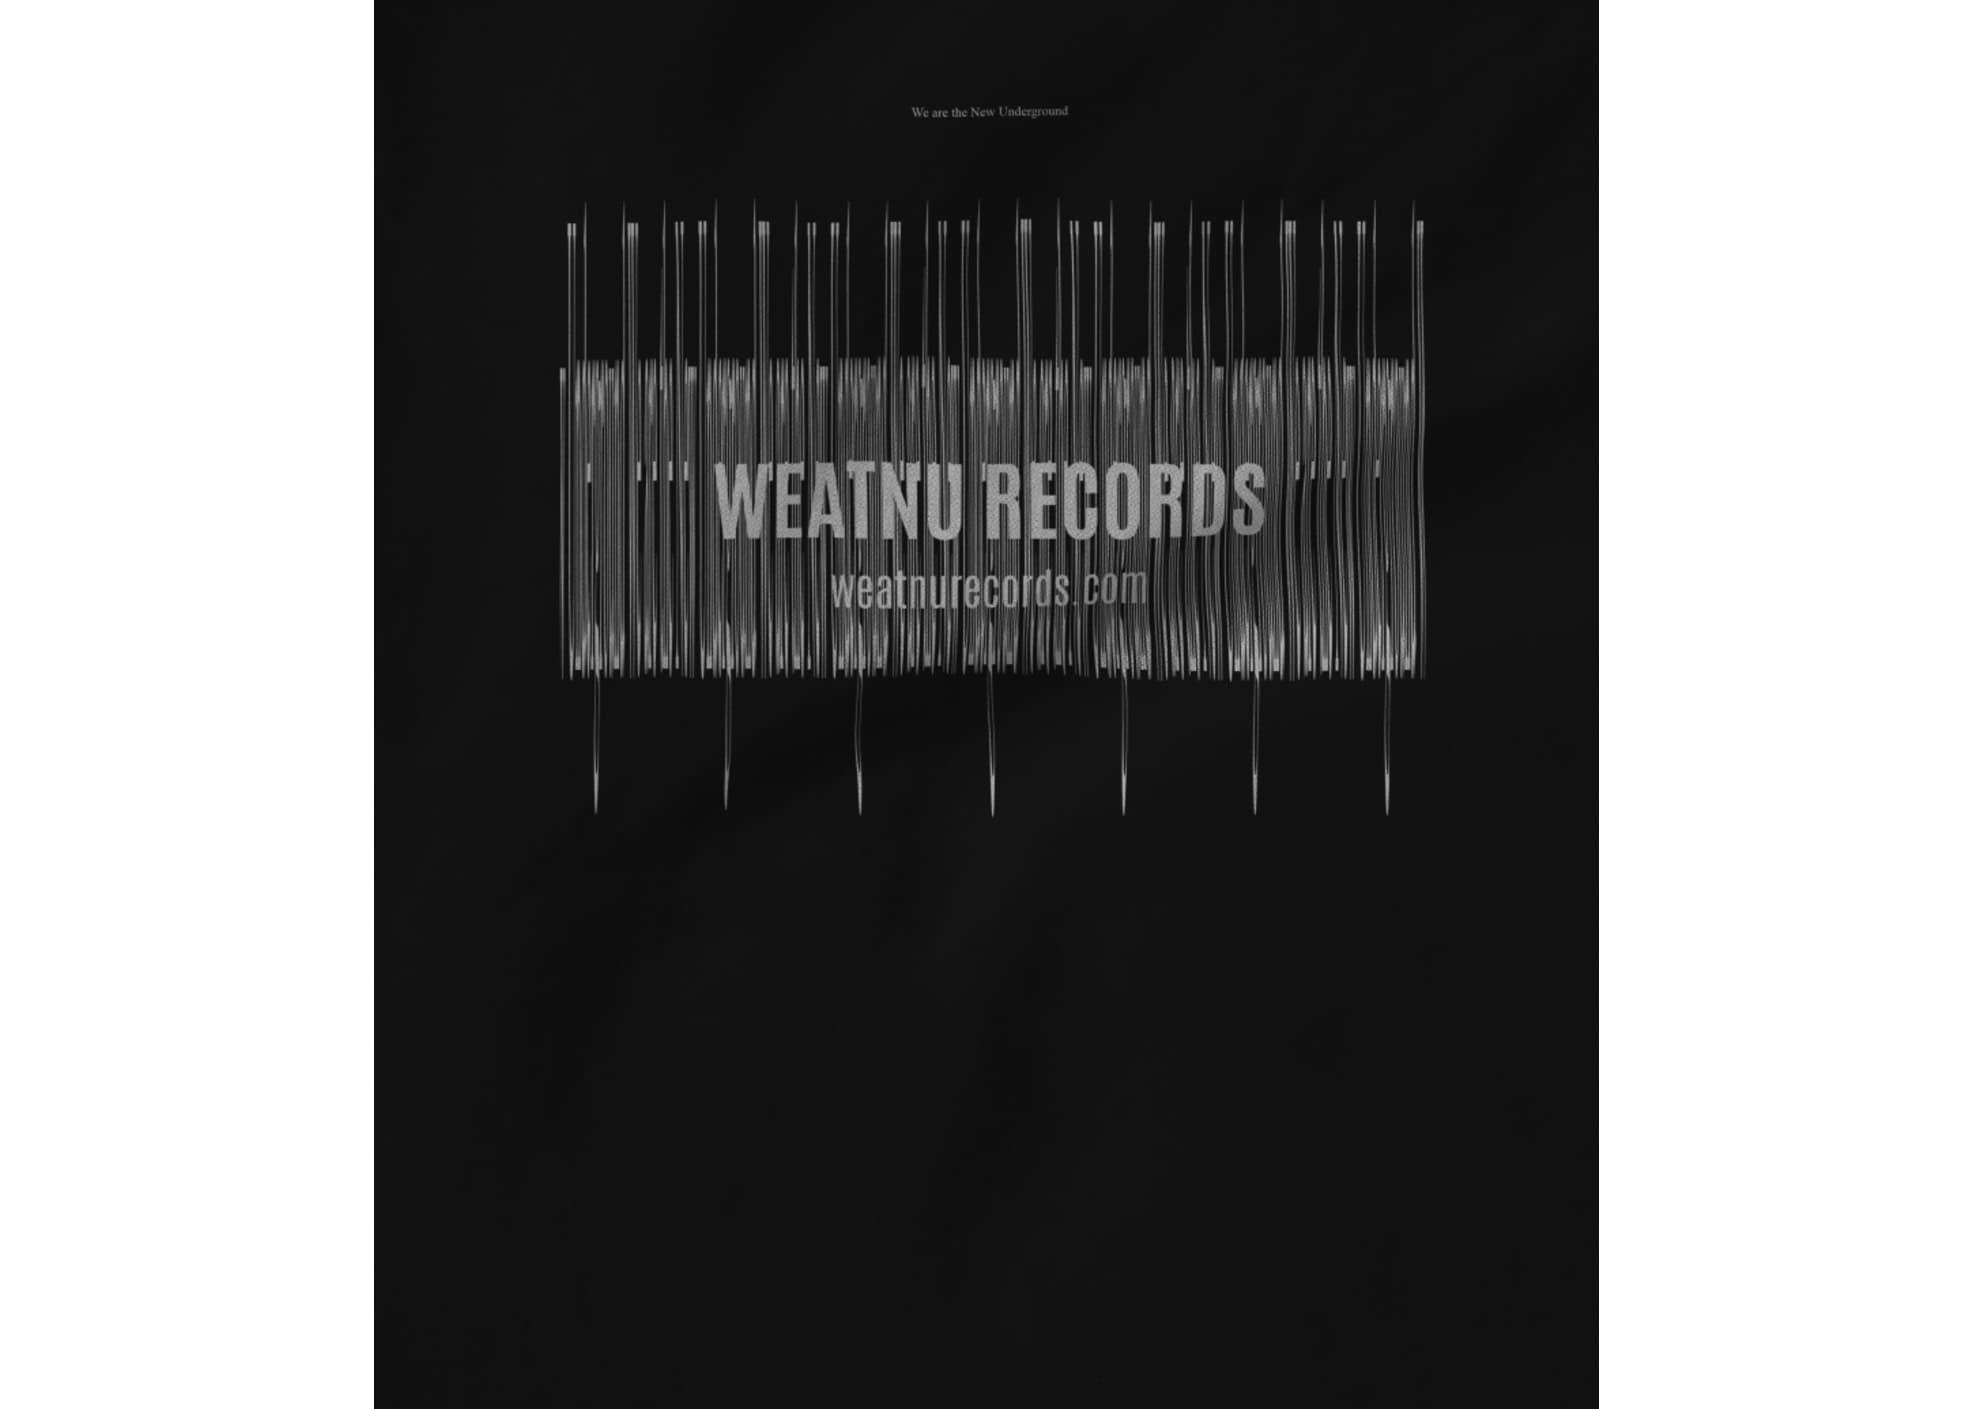 Almark weatnu records  black concept  1534948983